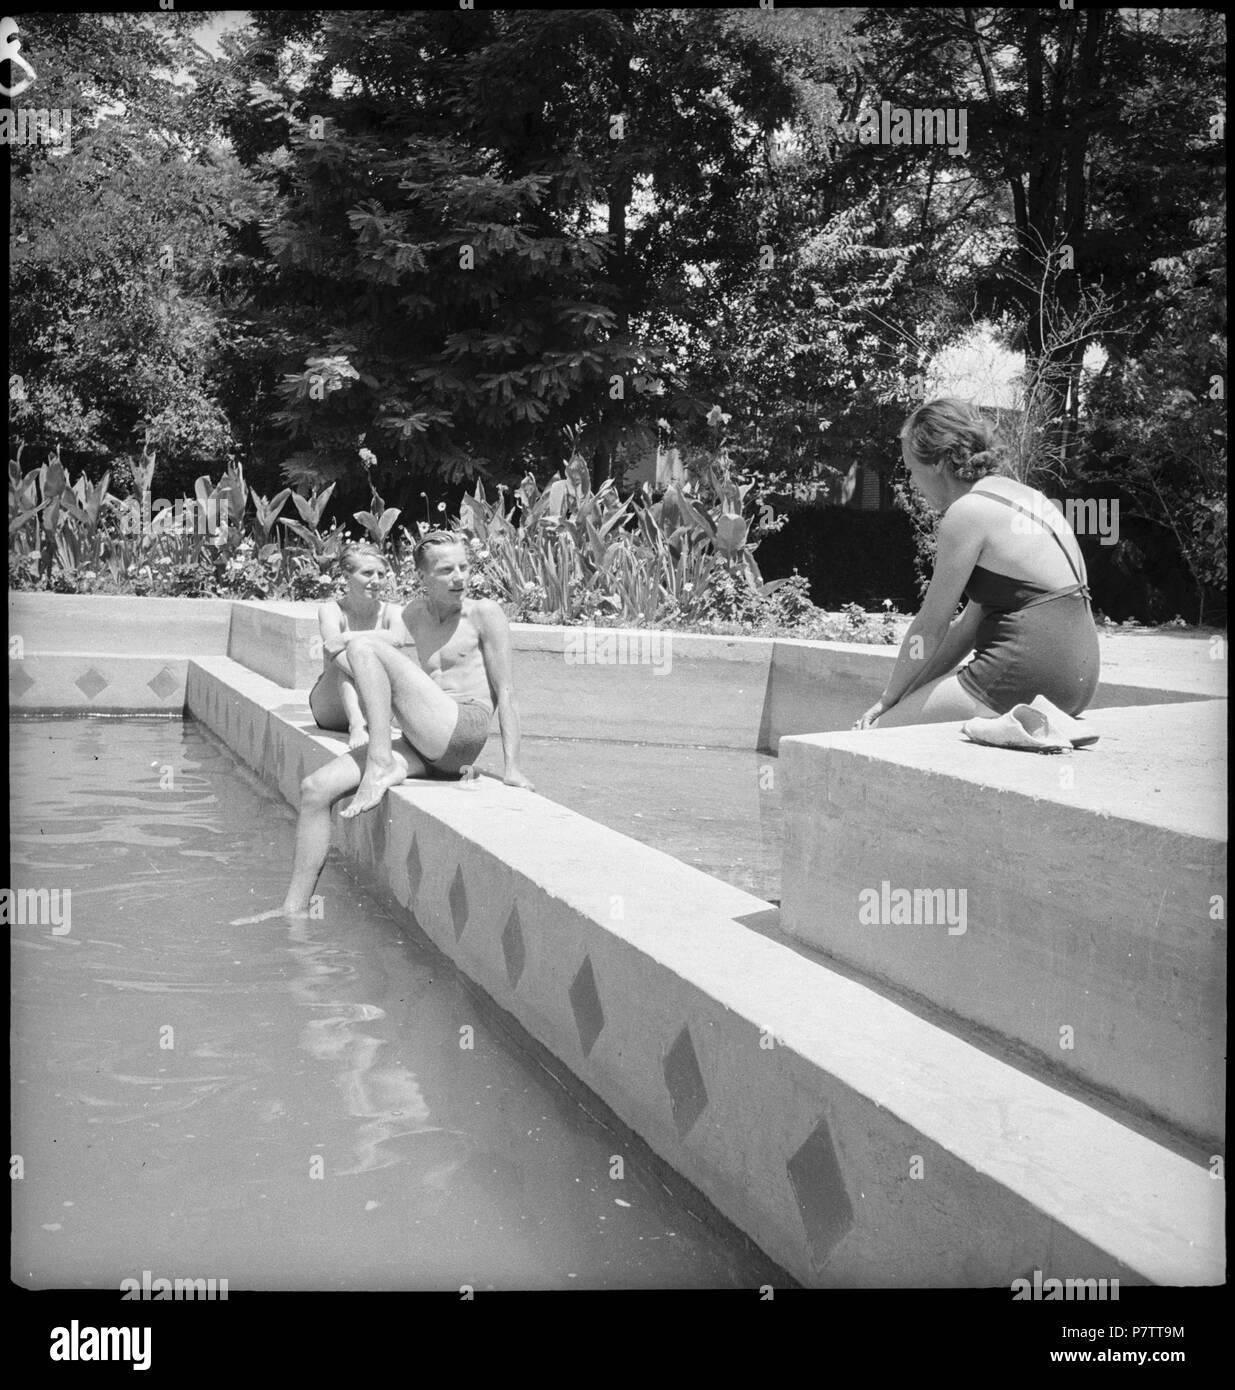 Iran, Meshed (Mashhad): Britisches Konsulat; Eine Frau und ein Mann am Swimmingpool. from 1939 until 1940 73 CH-NB - Iran, Meshed (Mashhad)- Britisches Konsulat - Annemarie Schwarzenbach - SLA-Schwarzenbach-A-5-19-114 - Stock Image